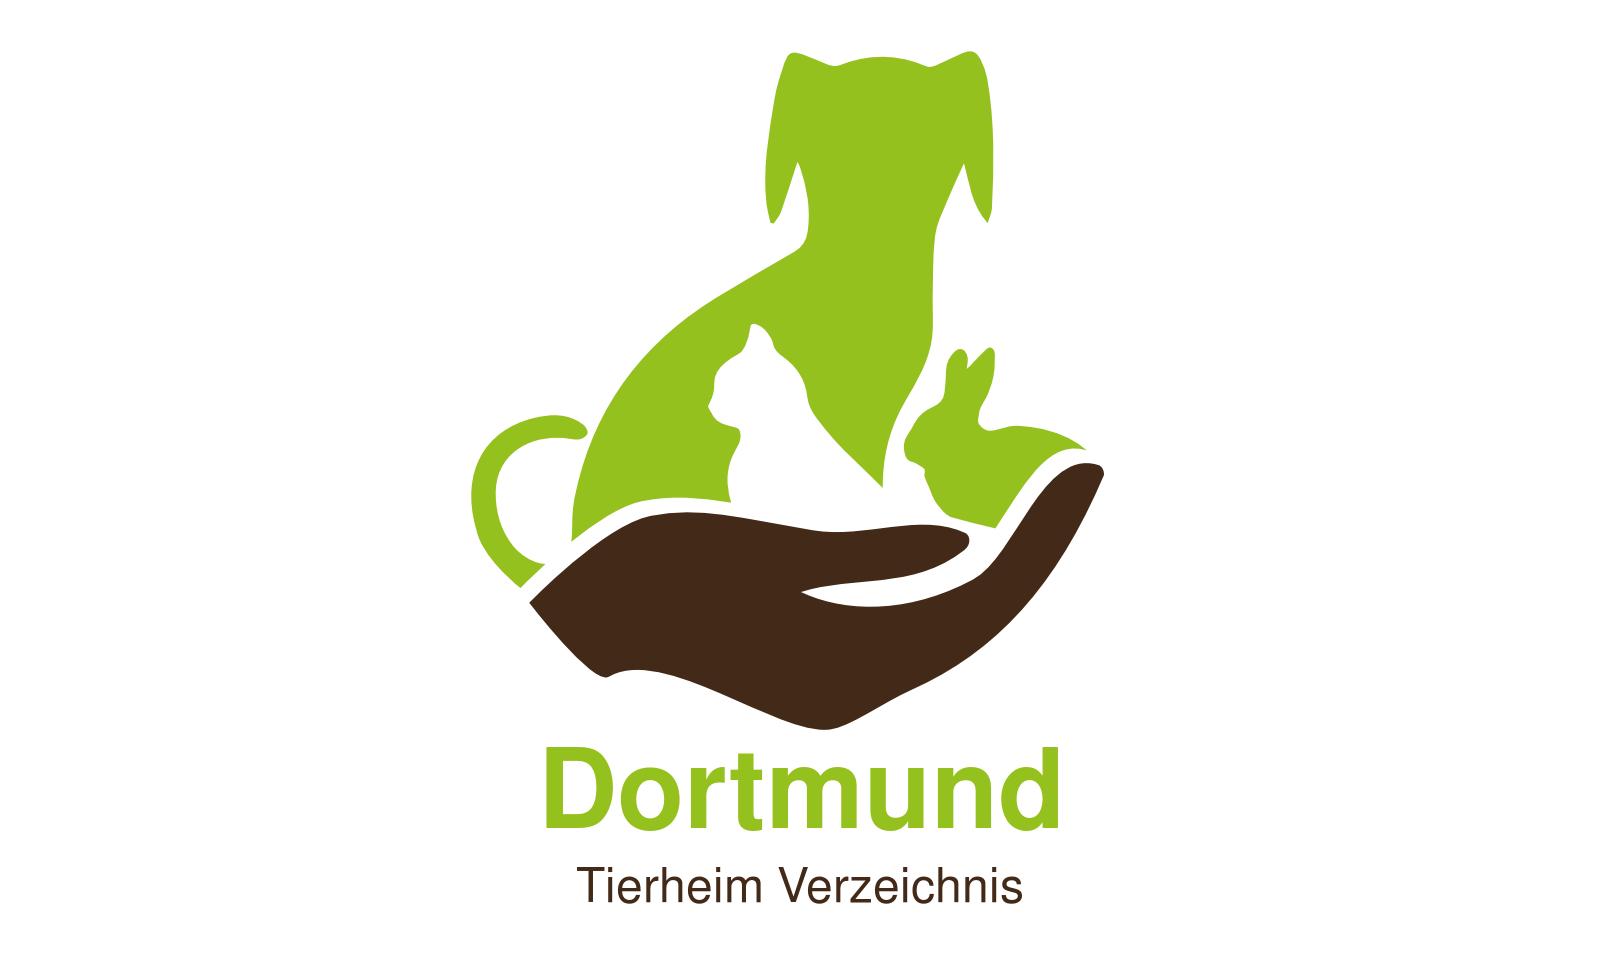 Tierheim Dortmund